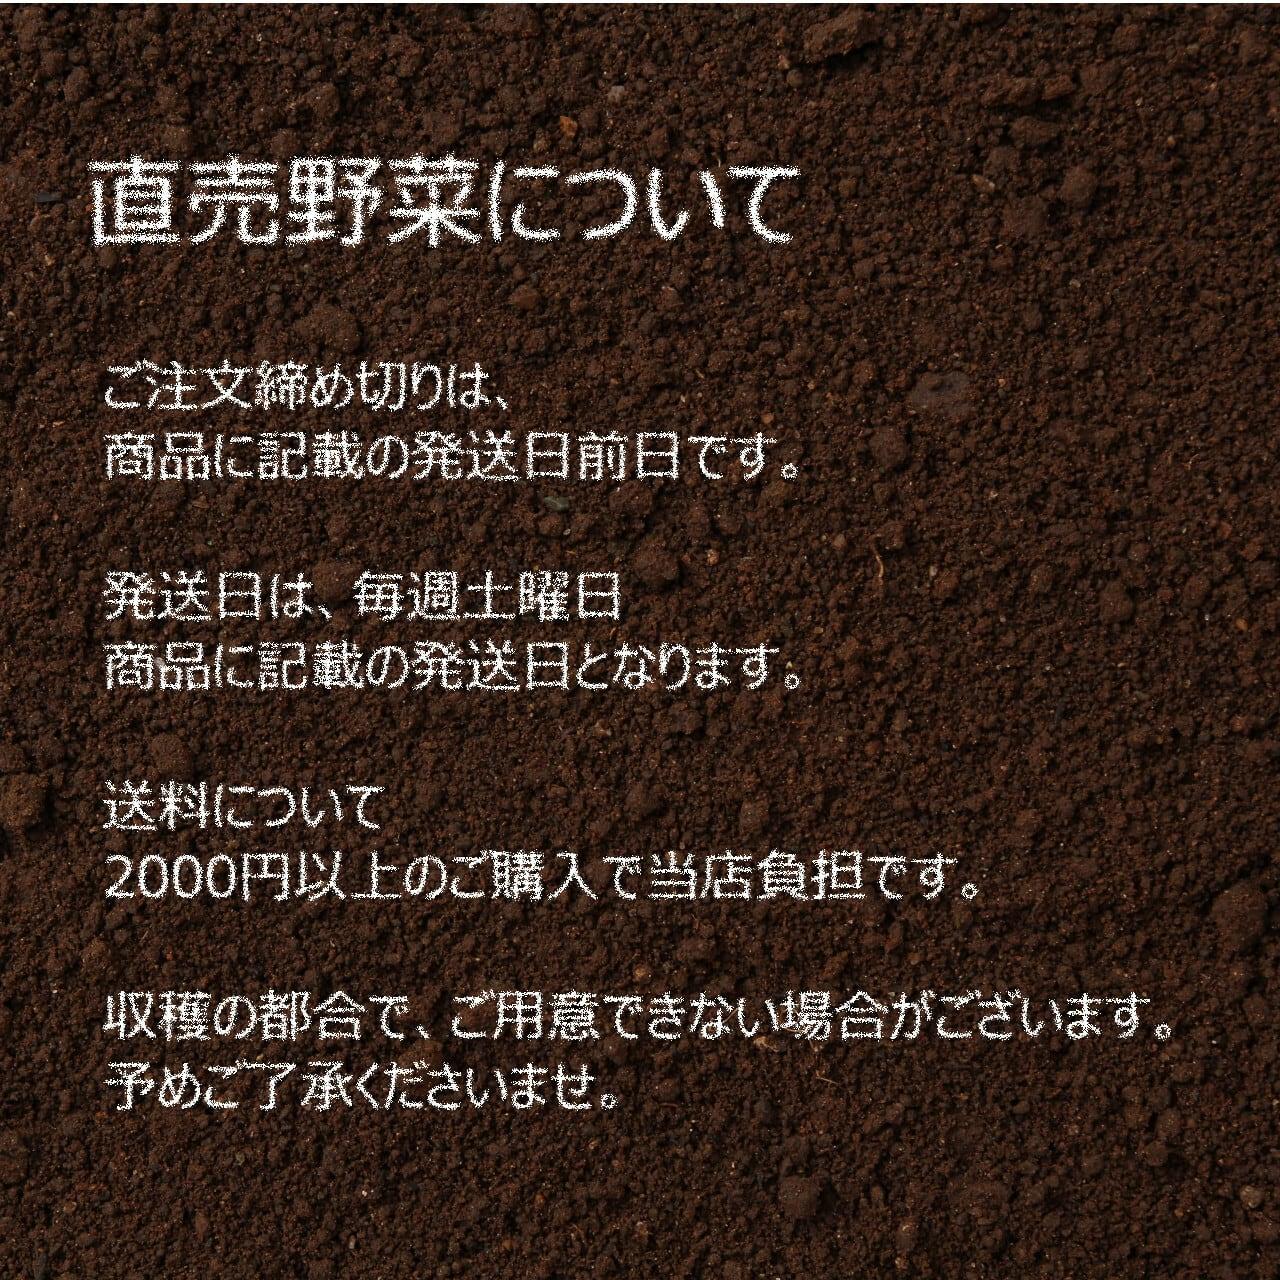 新鮮な秋野菜 : ブロッコリー 約 1個 11月の朝採り直売野菜 11月7日発送予定